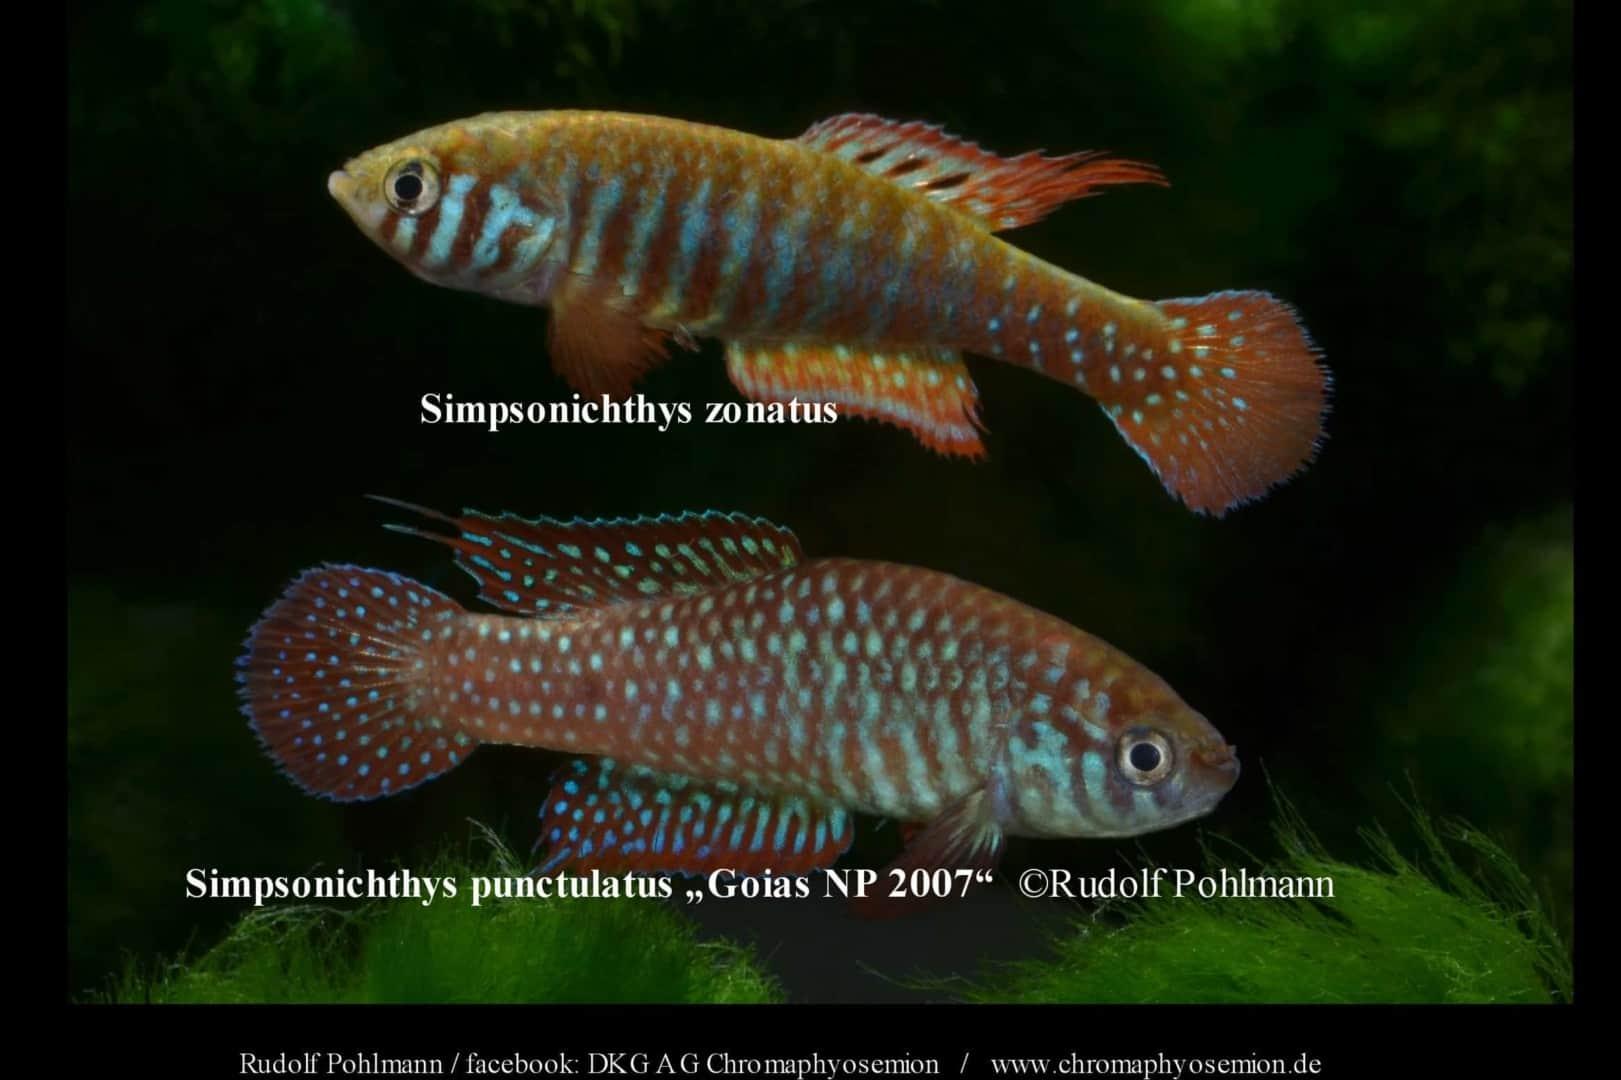 Simpsonichthys punctulatus – Punctulatus kleiner Fächerfisch 1